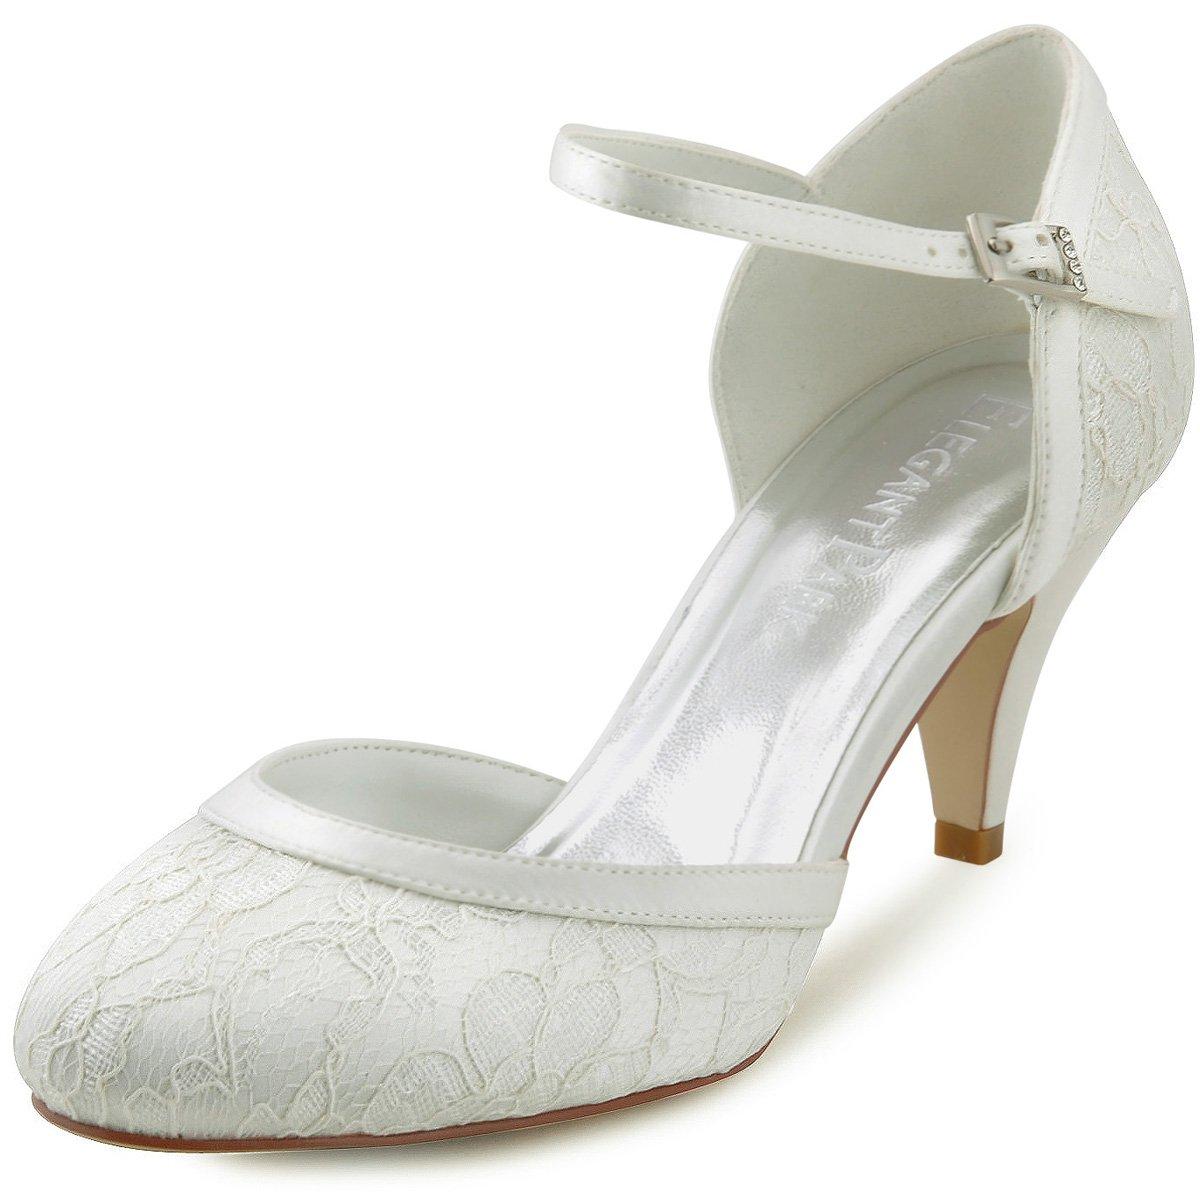 Elegantpark HC1508 Escarpins Femme Dendelle Bride Cheville Boucle Bout Rond Mary Janes Talon Dentelle Chaussures Pompes